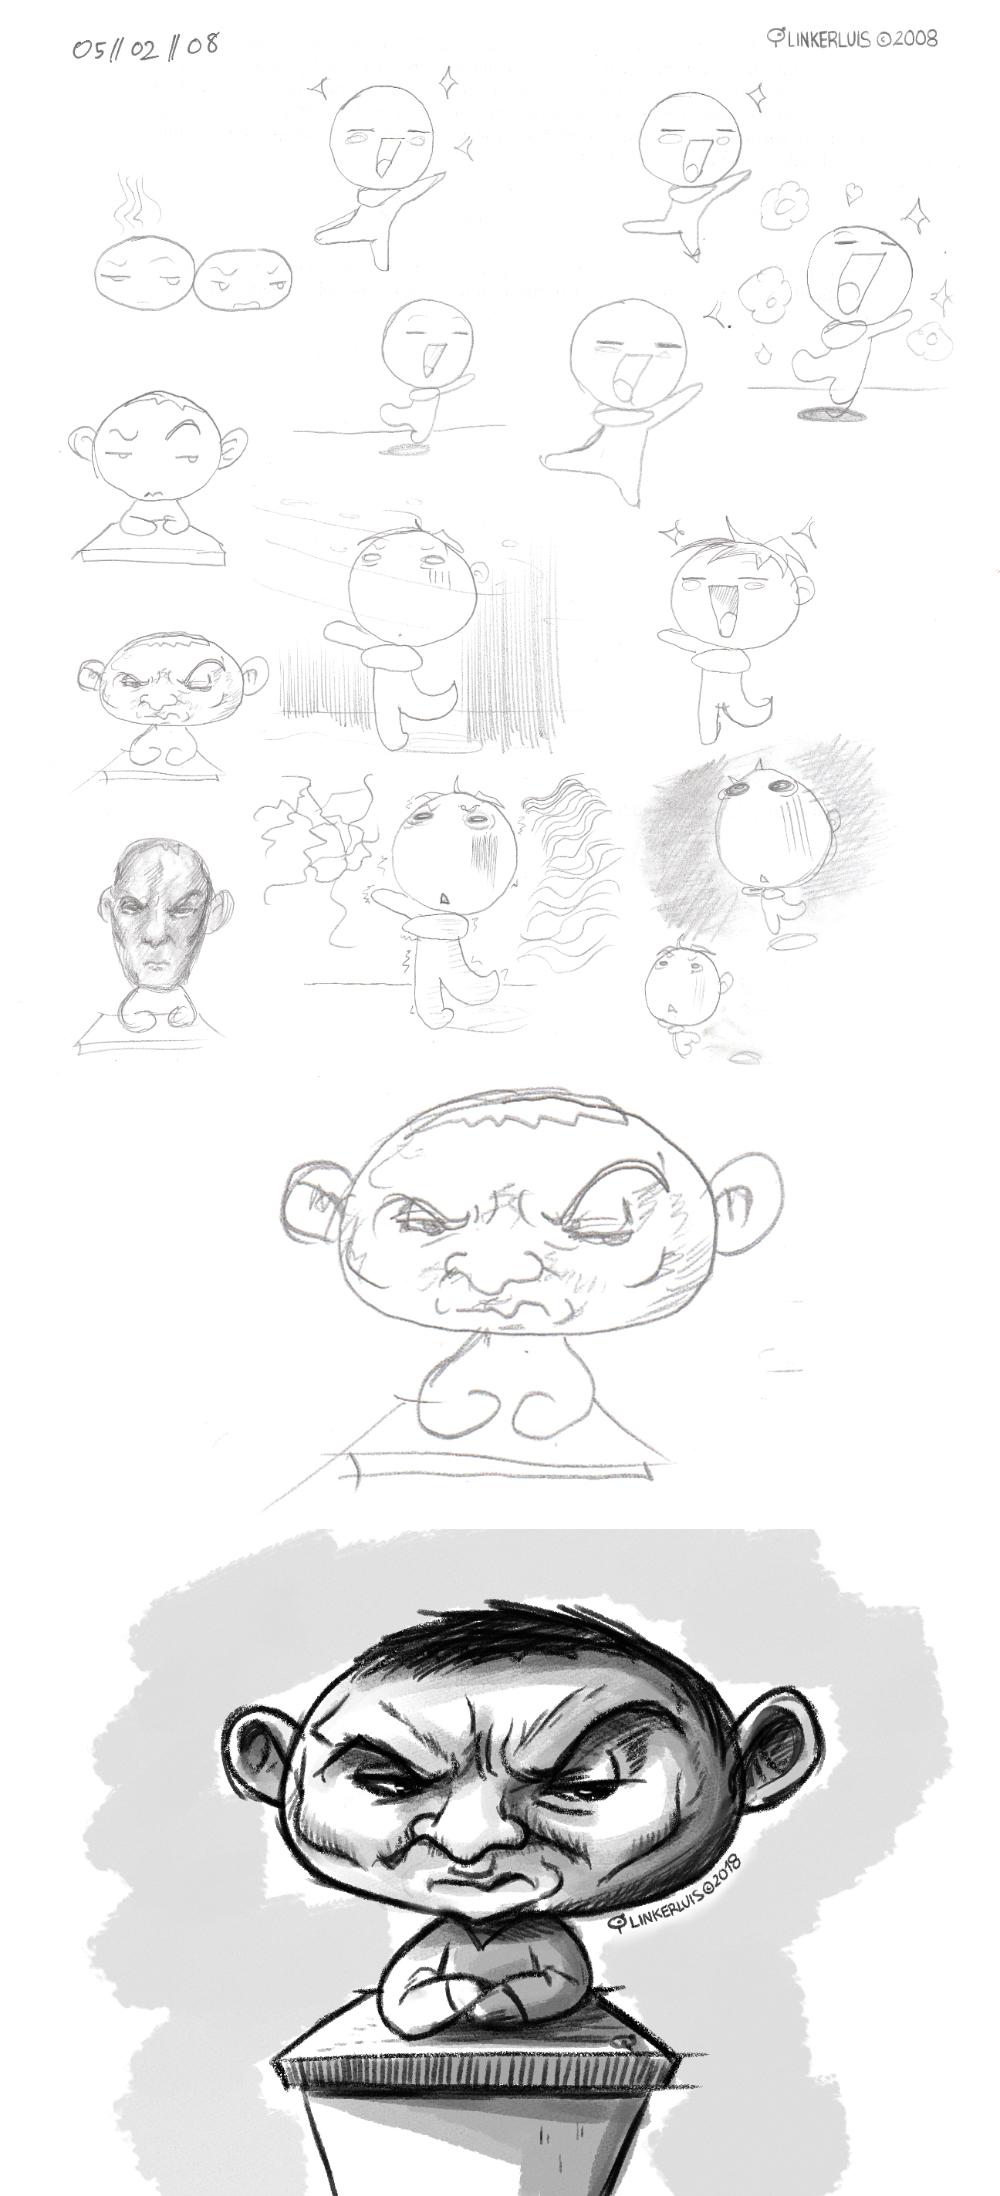 Sketchdump (05/02/08) by LinkerLuis